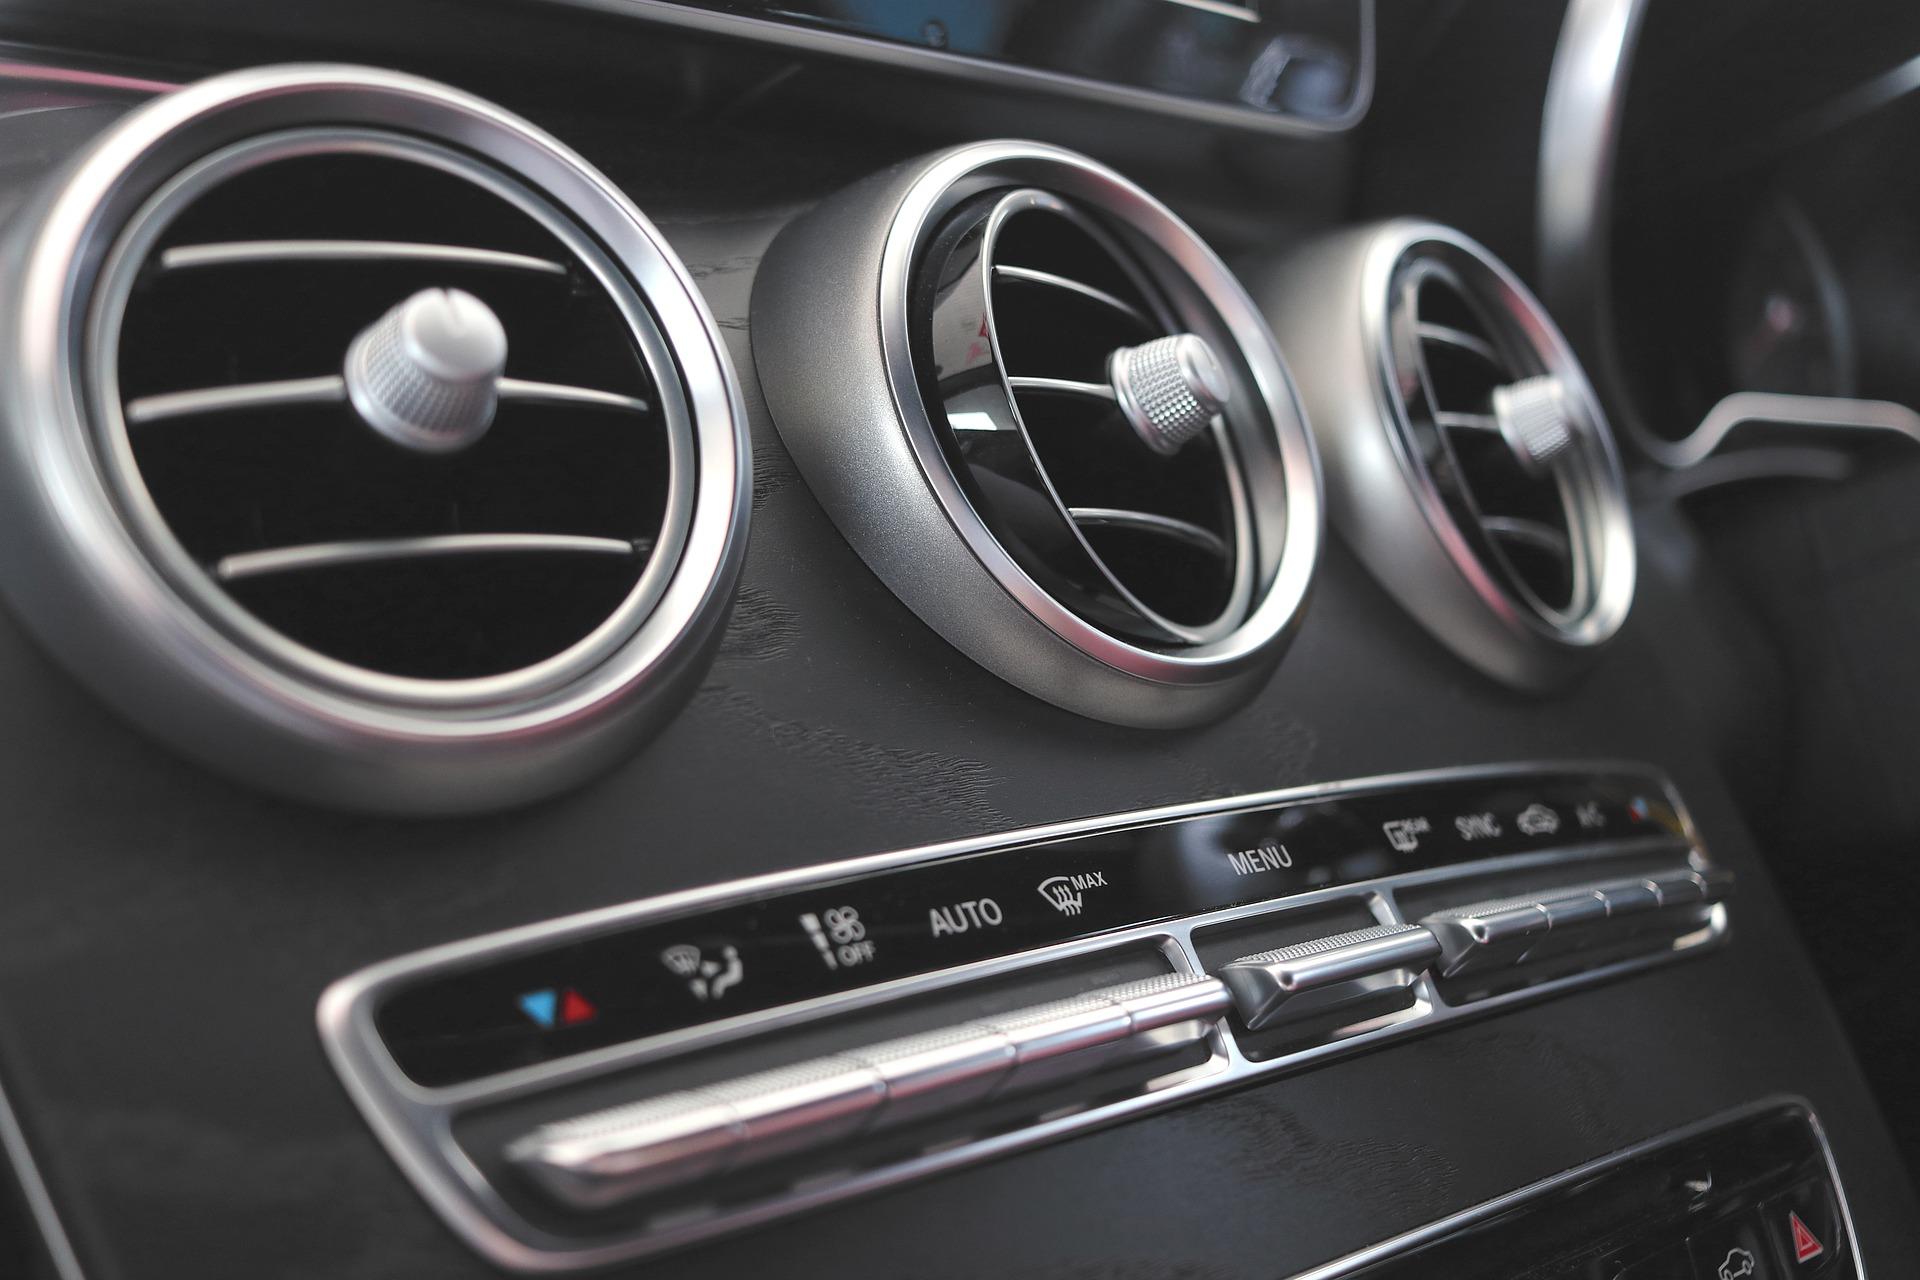 Foto do ar-condicionado do carro. Imagem ilustrativa para o texto higienização do seu carro.